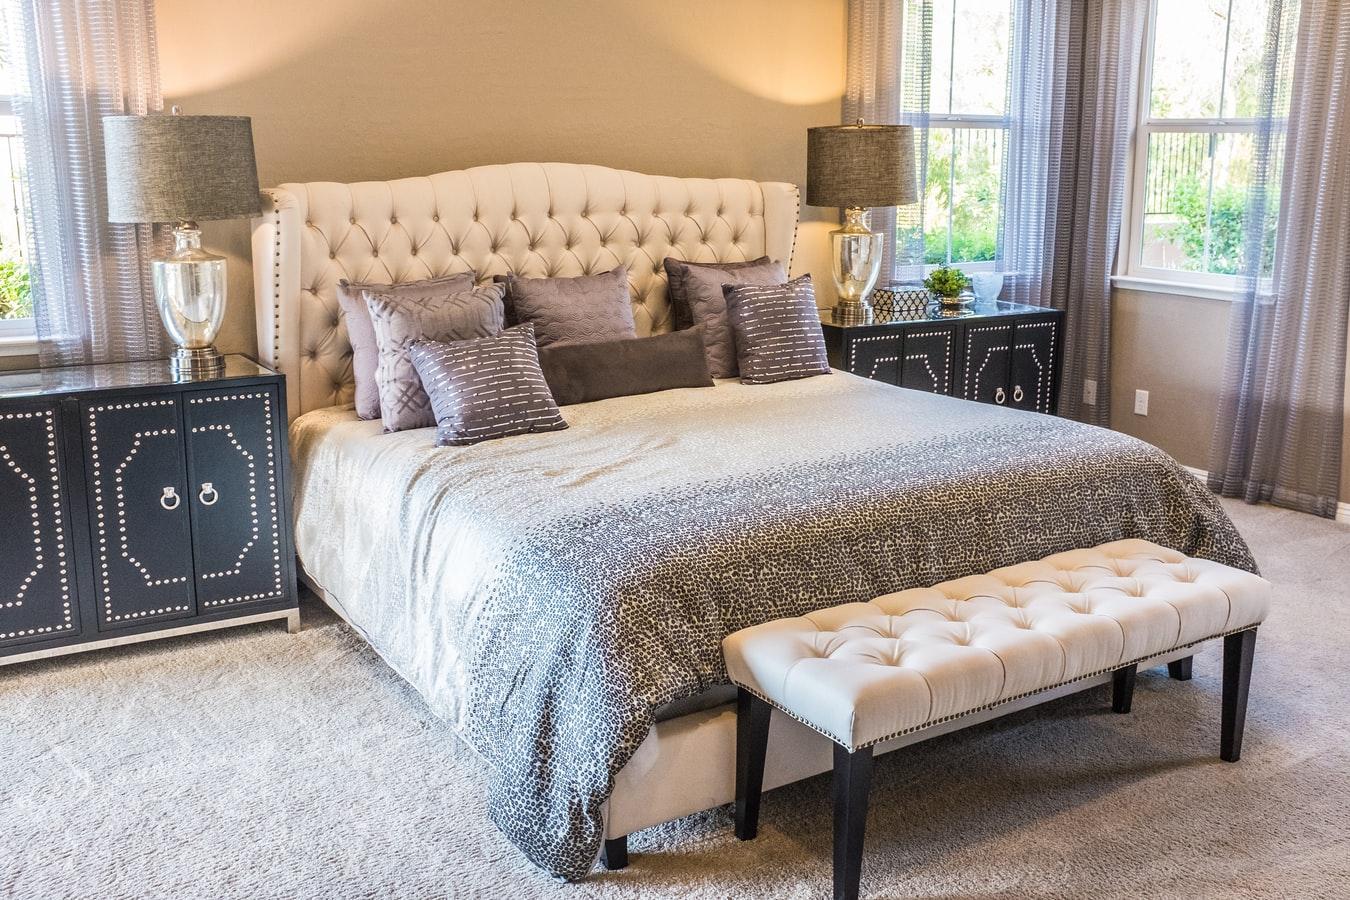 curved bed frame bedroom interior design